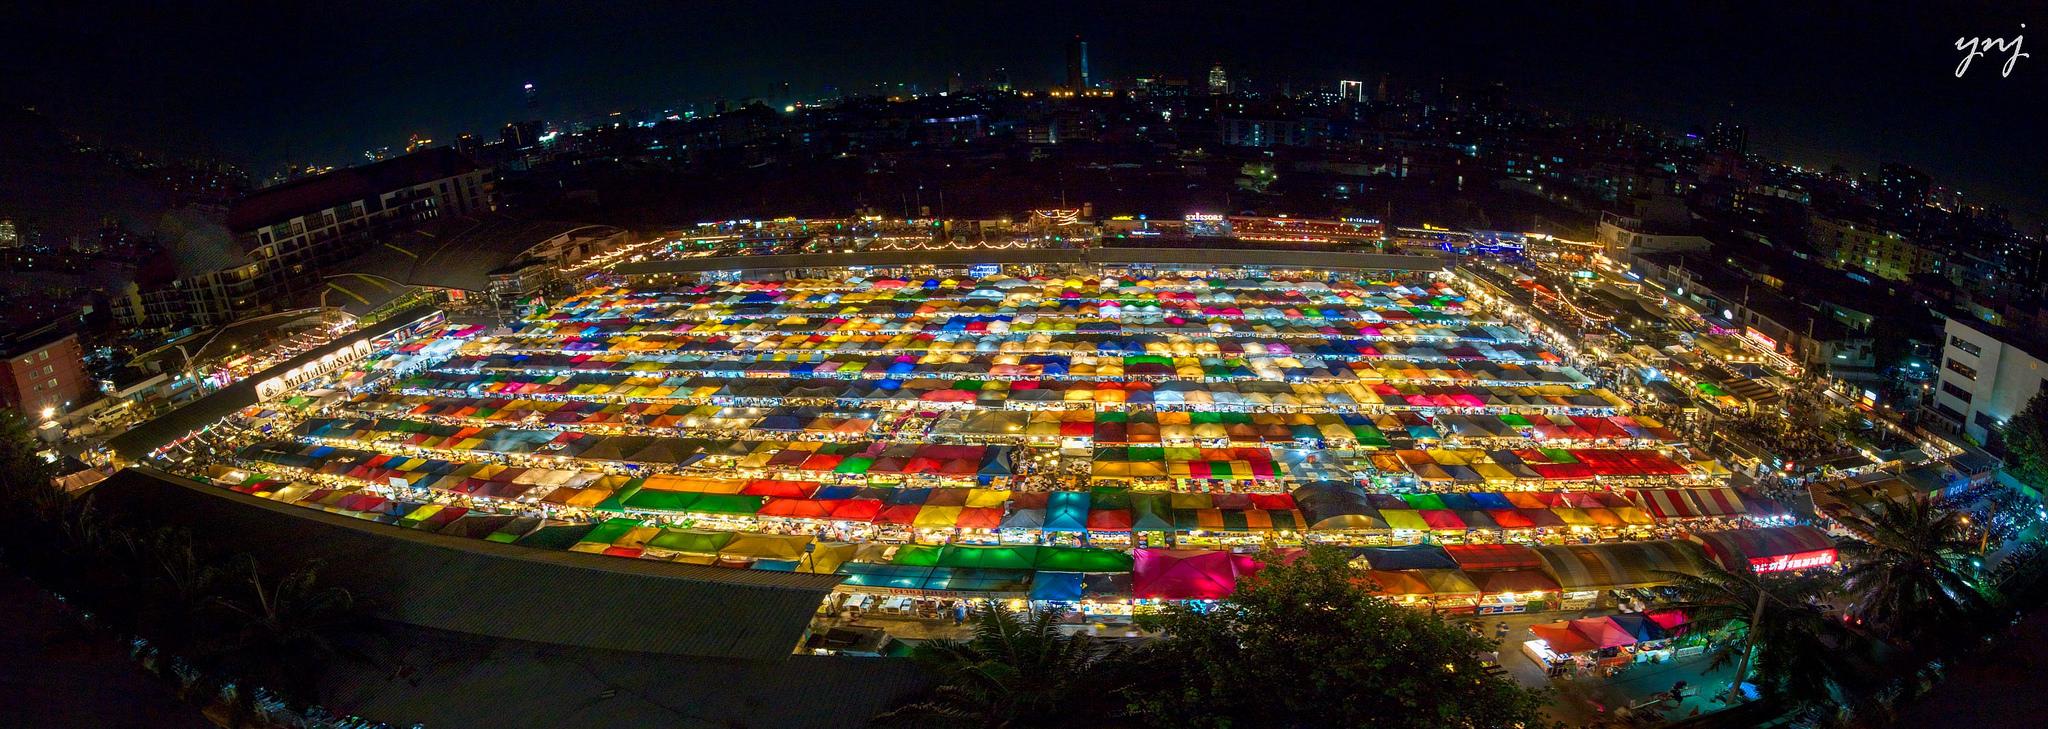 Рынок Rod Fai (Train Market)